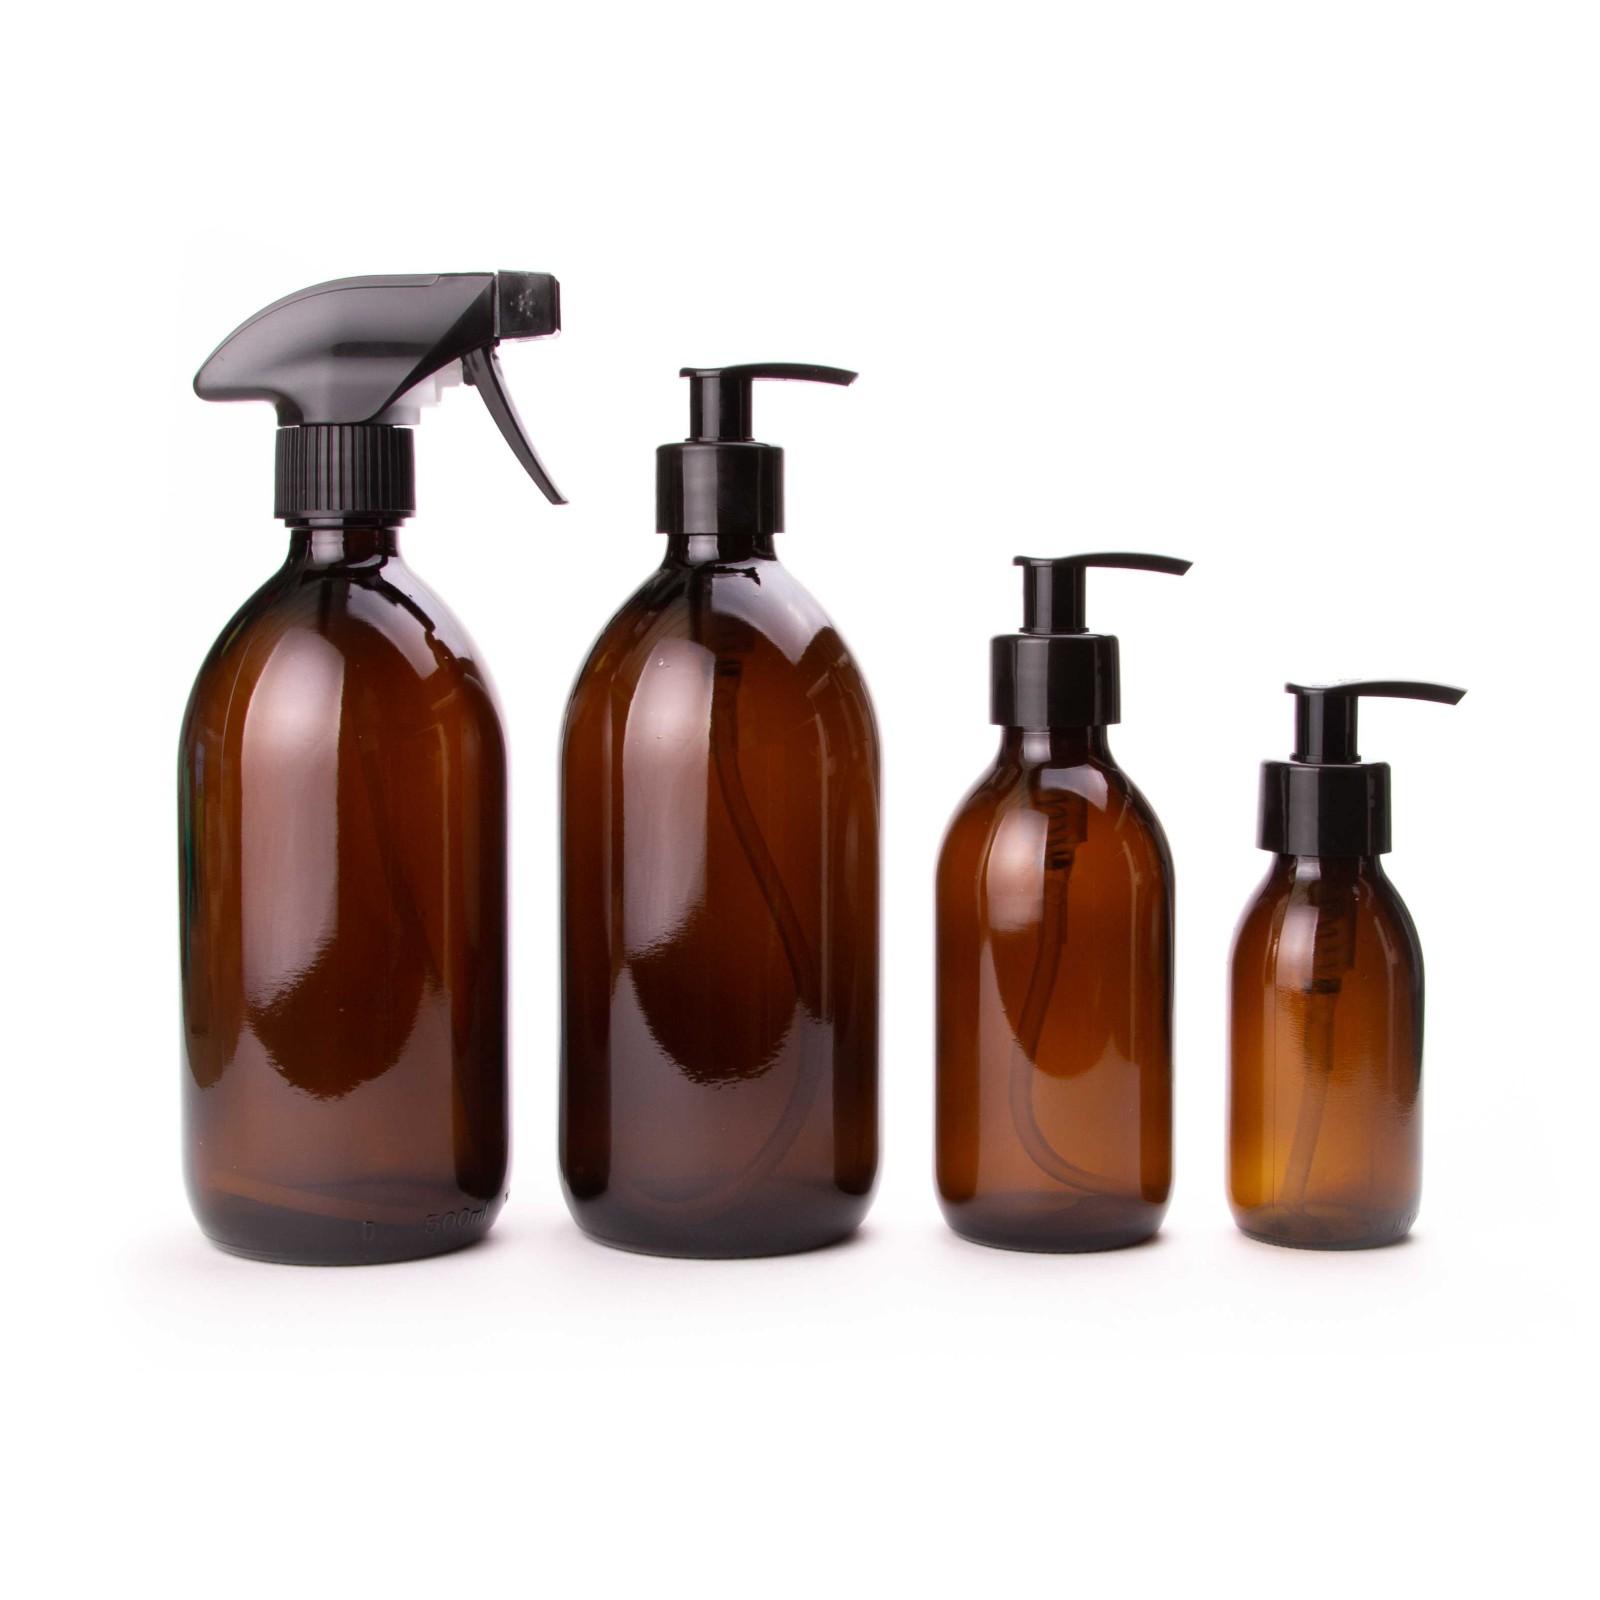 Pre-filled Hand Sanitiser | SESI Refillable